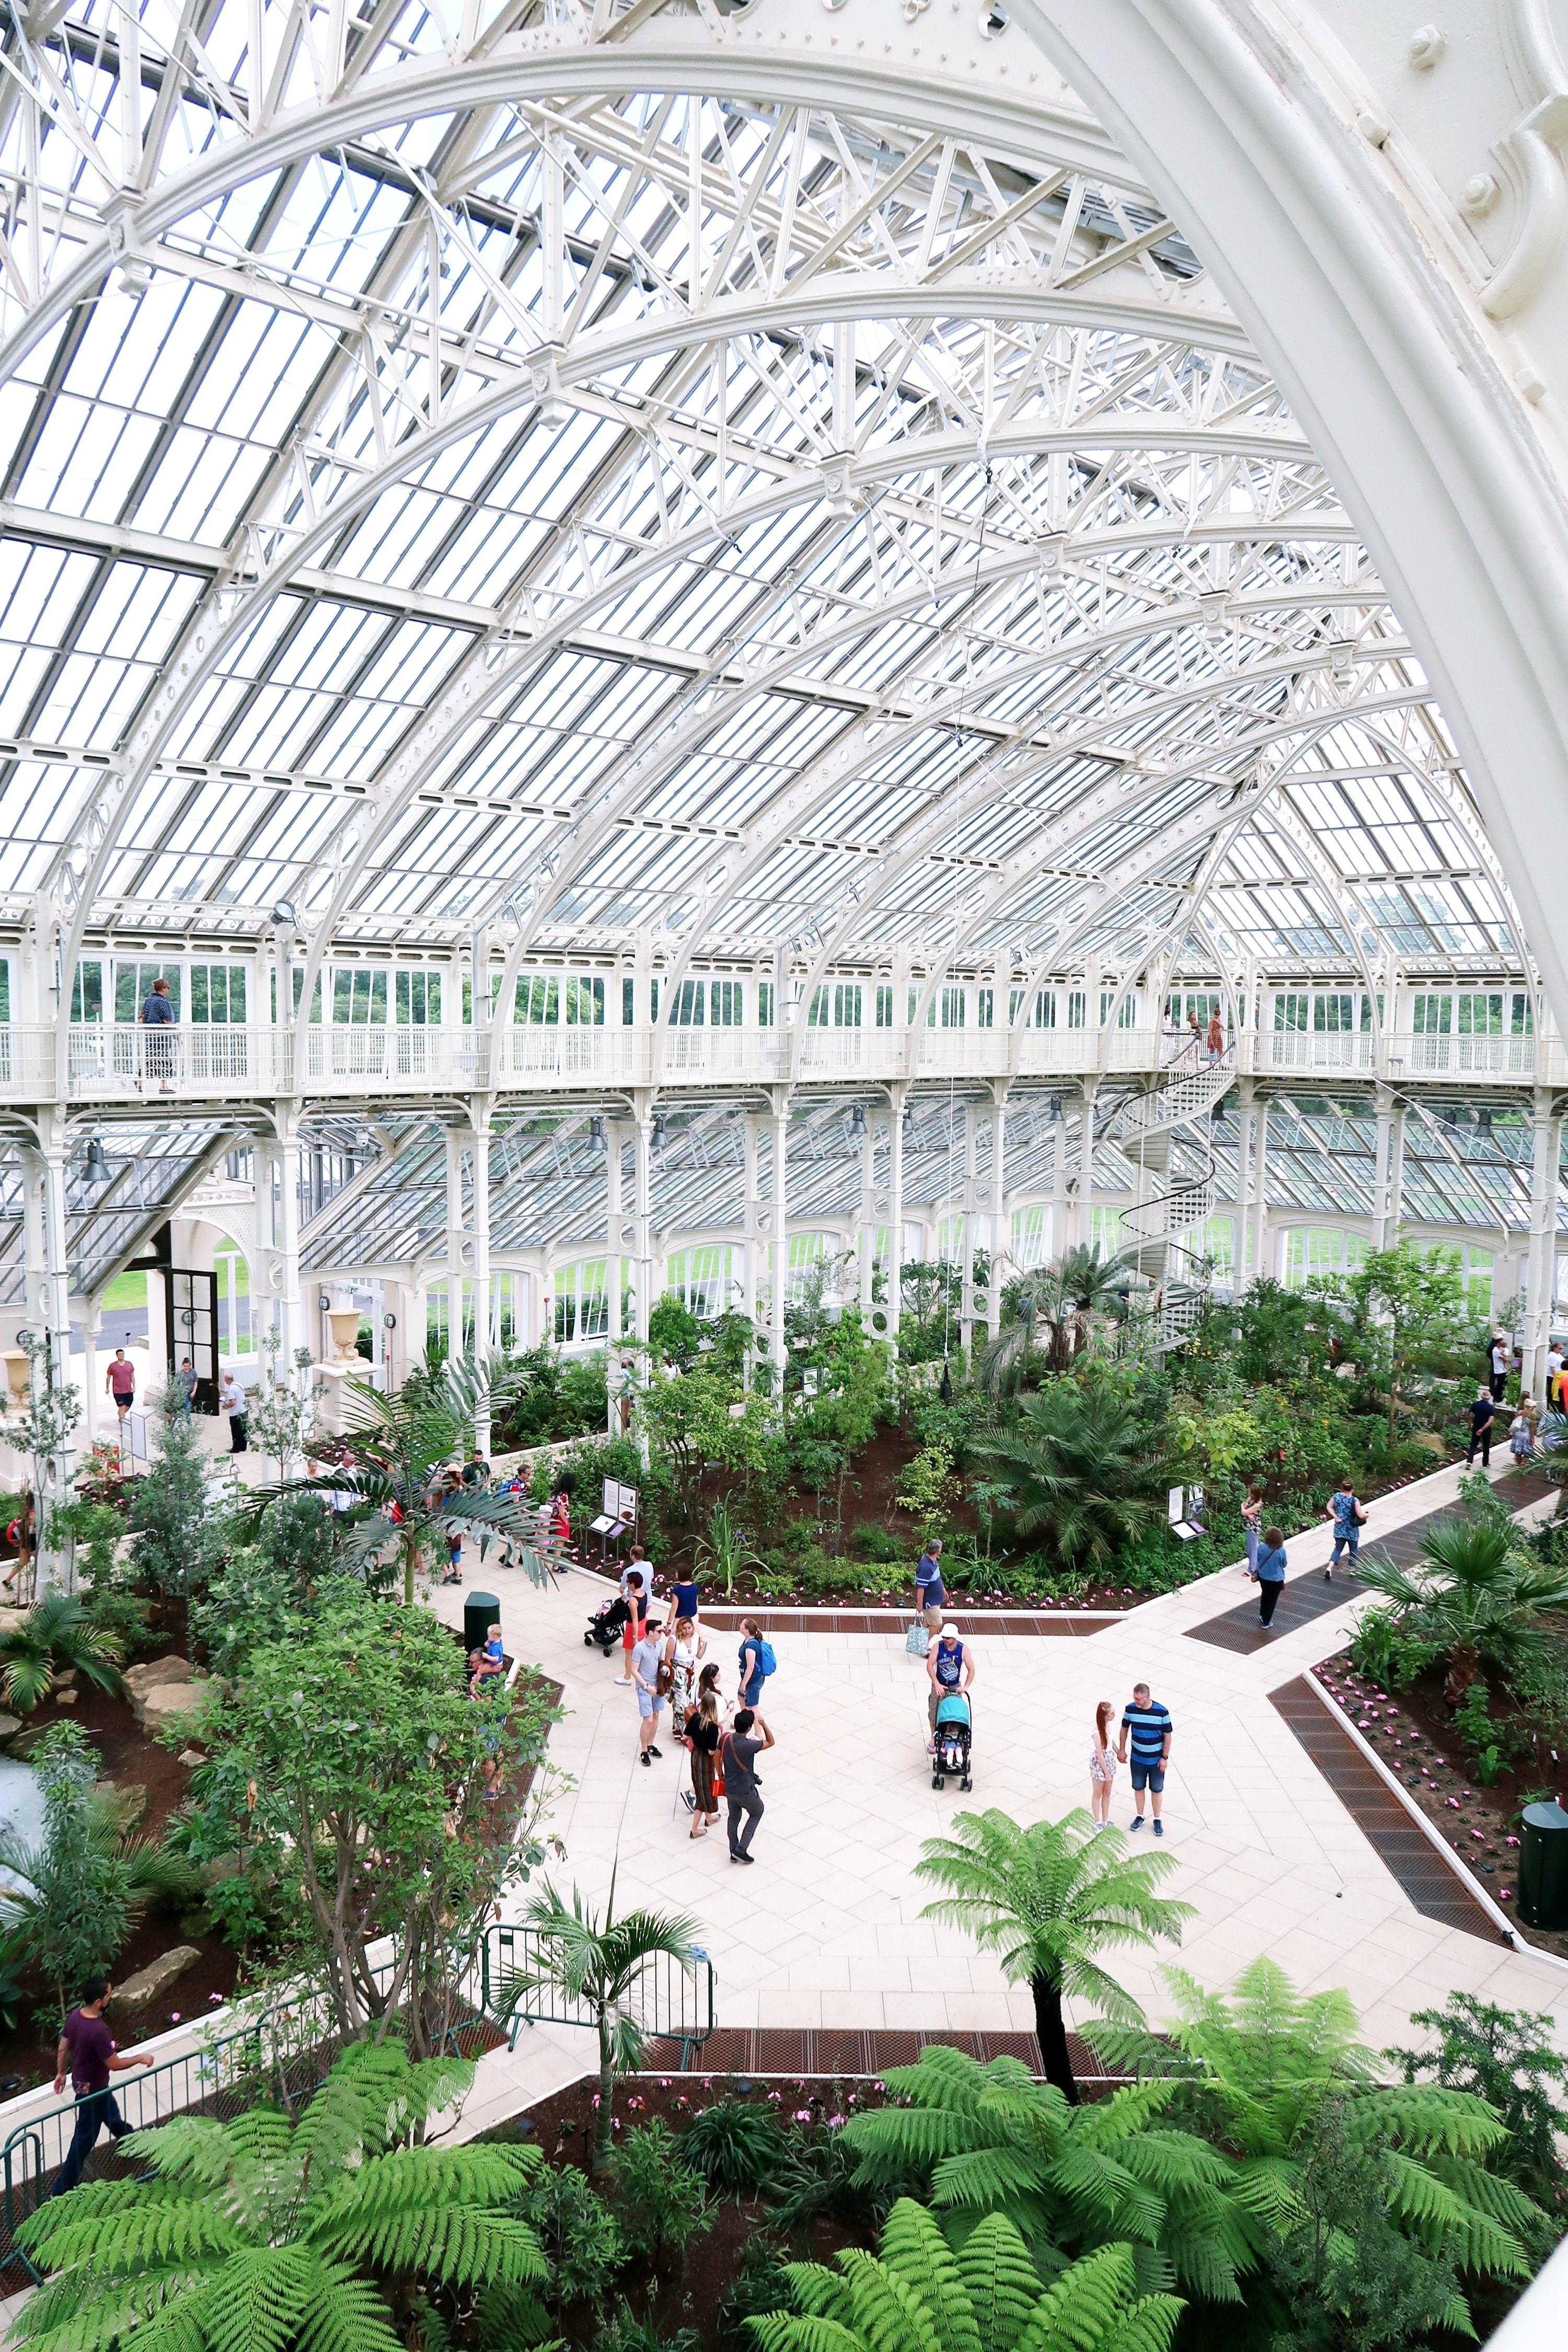 cef661ad7b5c5da694f2edb41b5a8b73 - Where Is Kew Gardens London Located